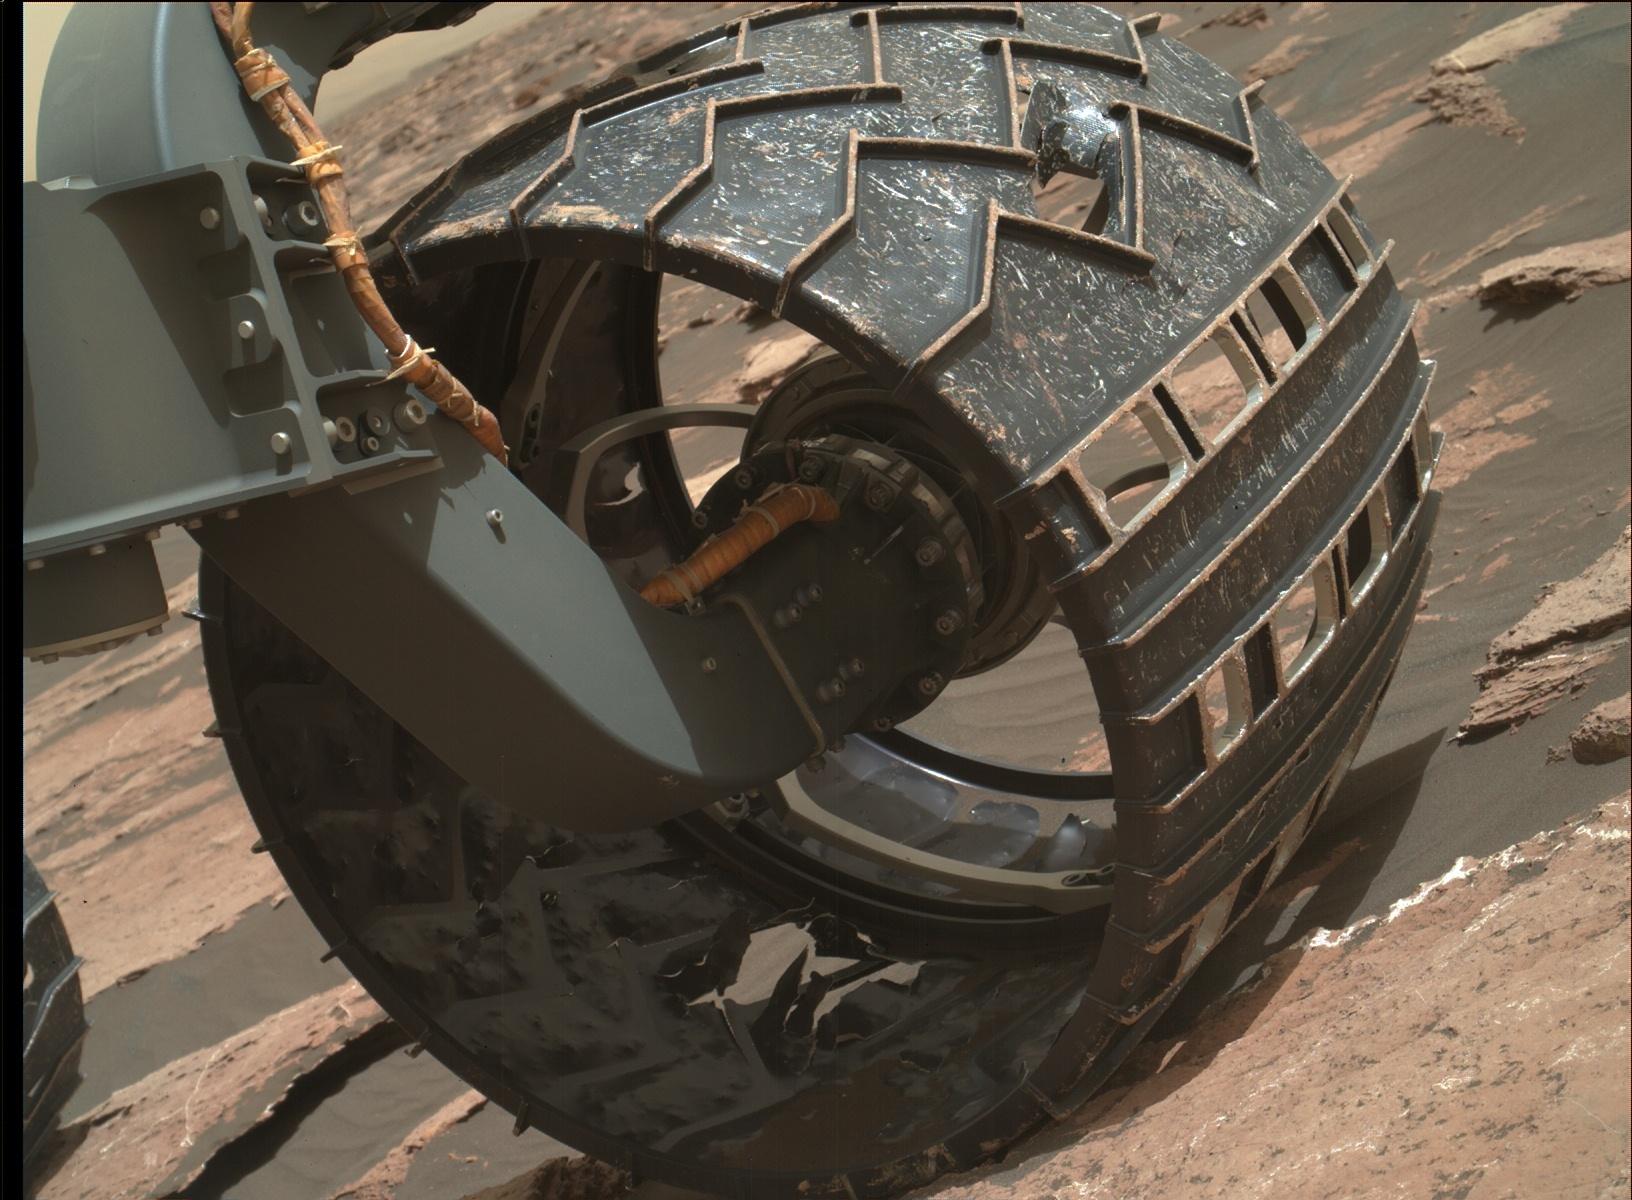 Mars Curiosity Rover Wheel Wear and Tear 27 January 2017 space